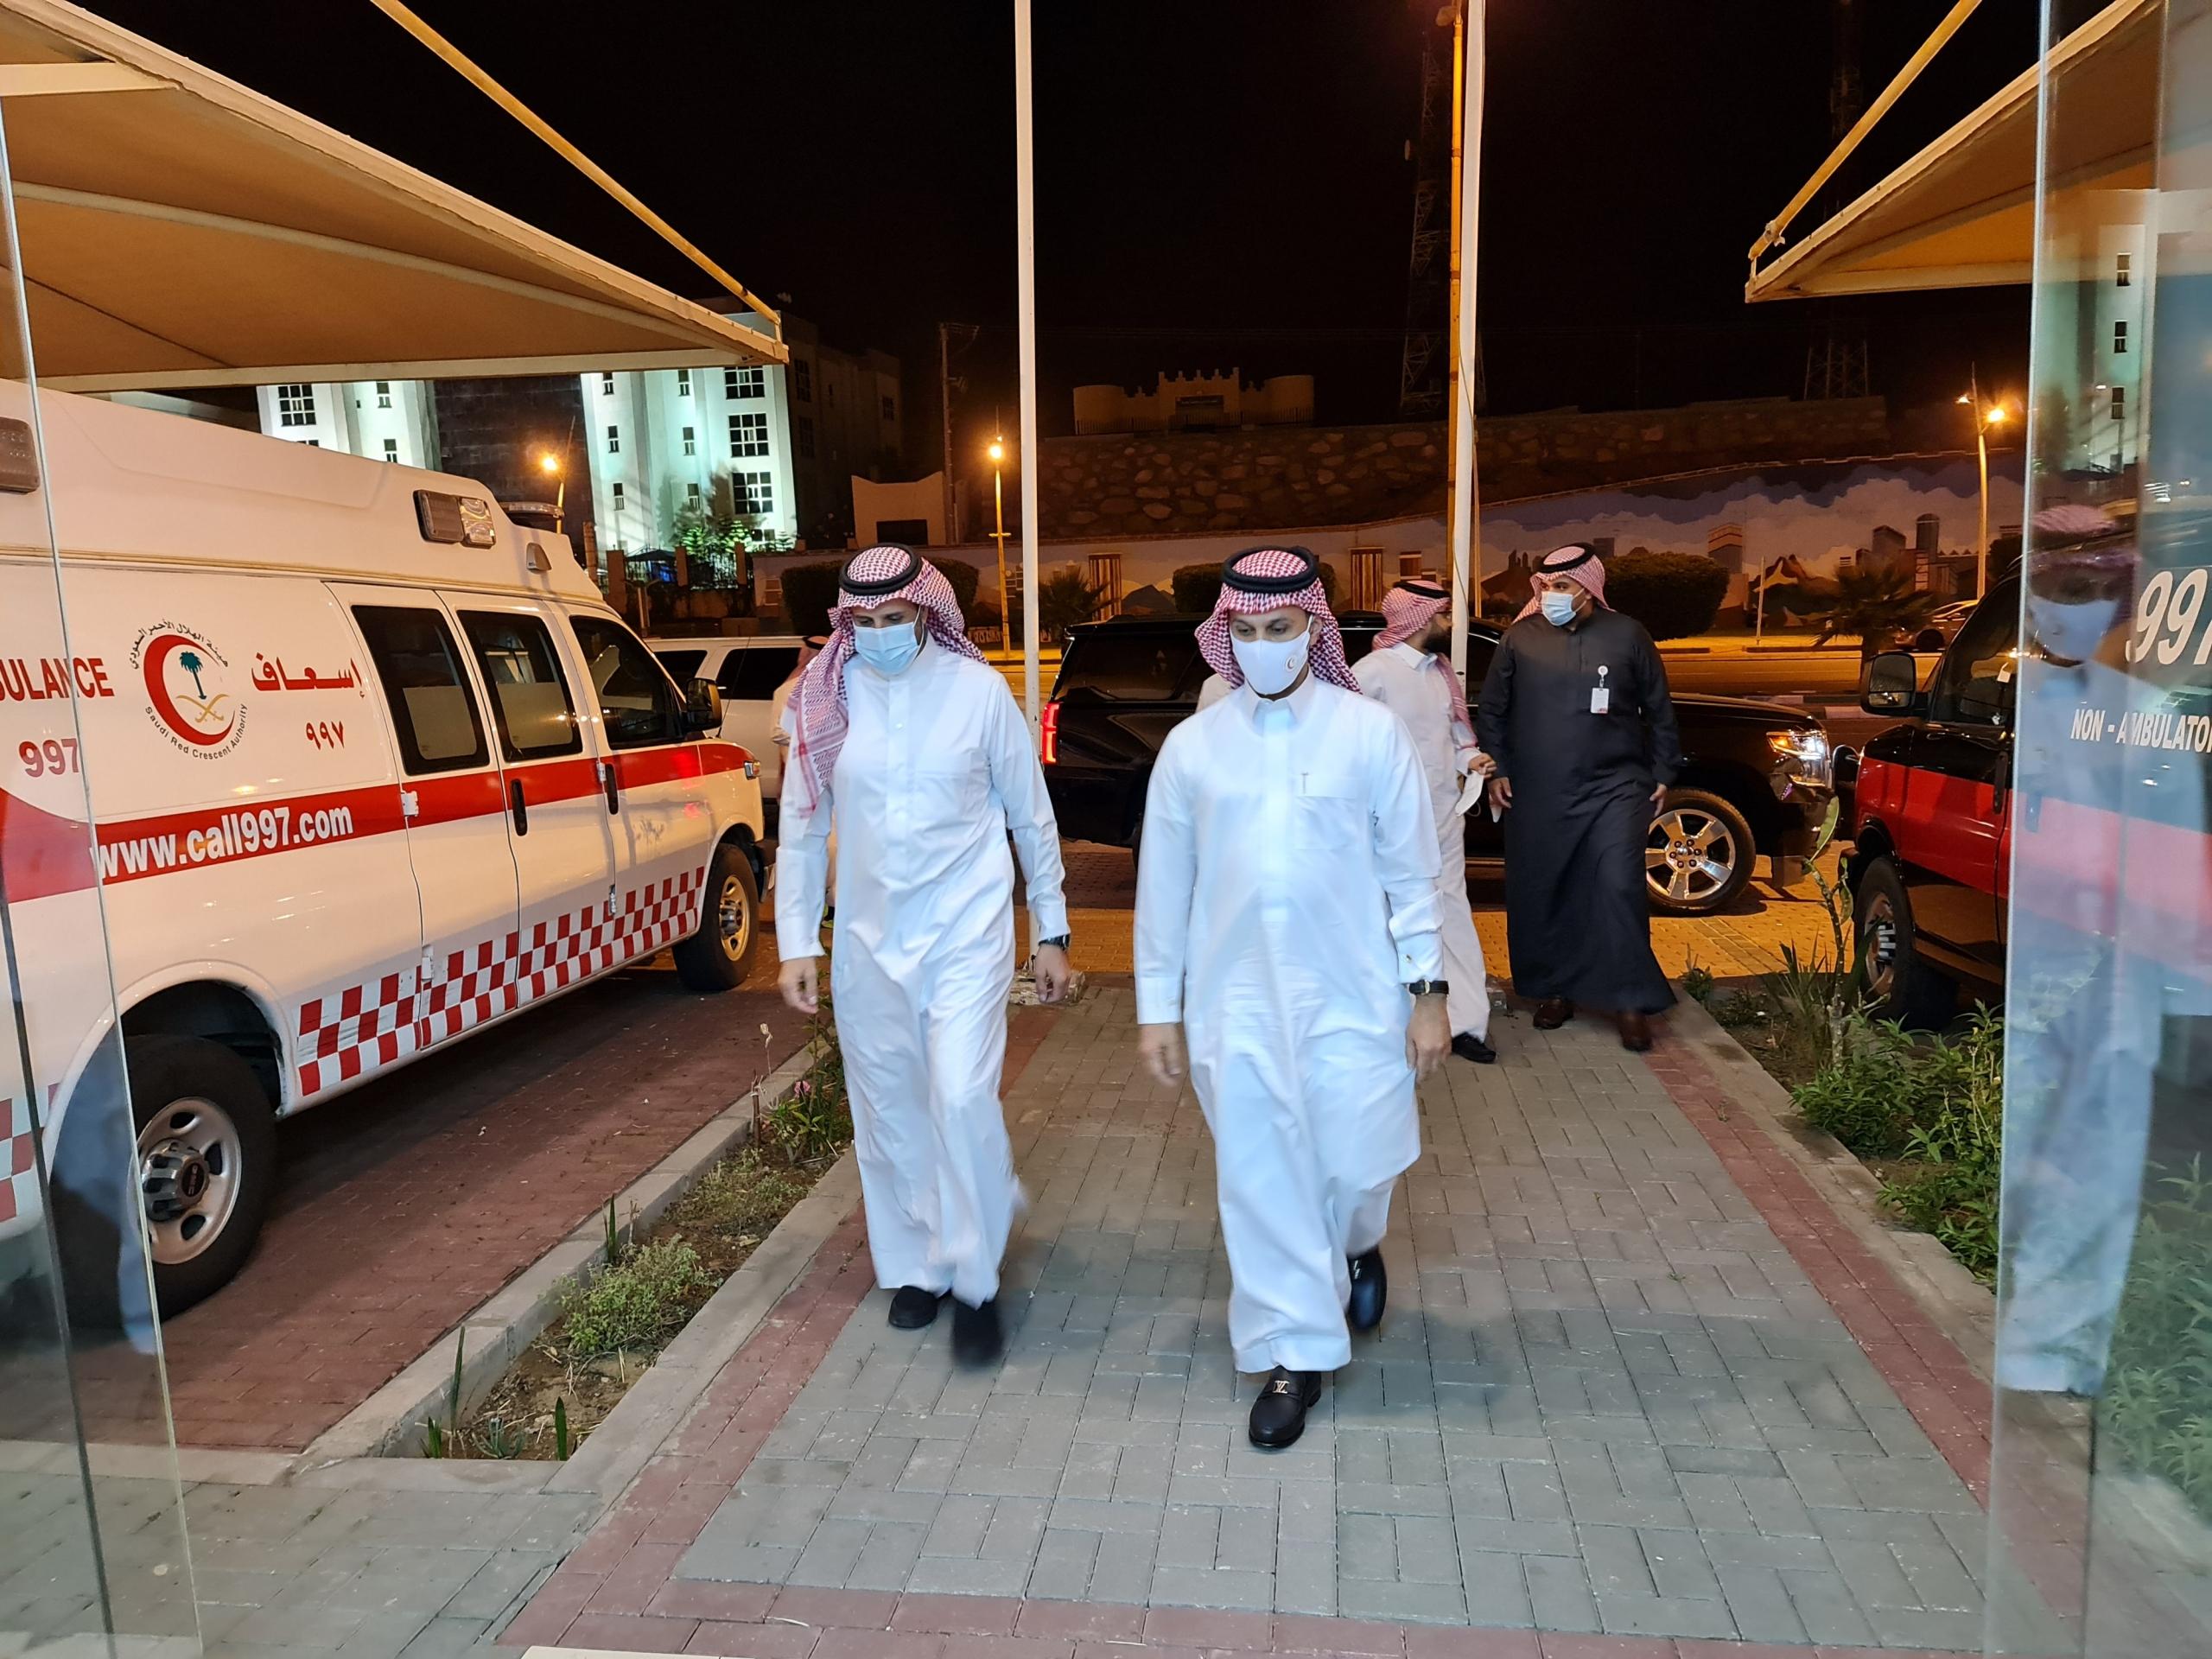 رئيس الهلال الأحمر يتفقد مشروعي إدارة التدريب والتموين الطبي الجديد بعسير - المواطن